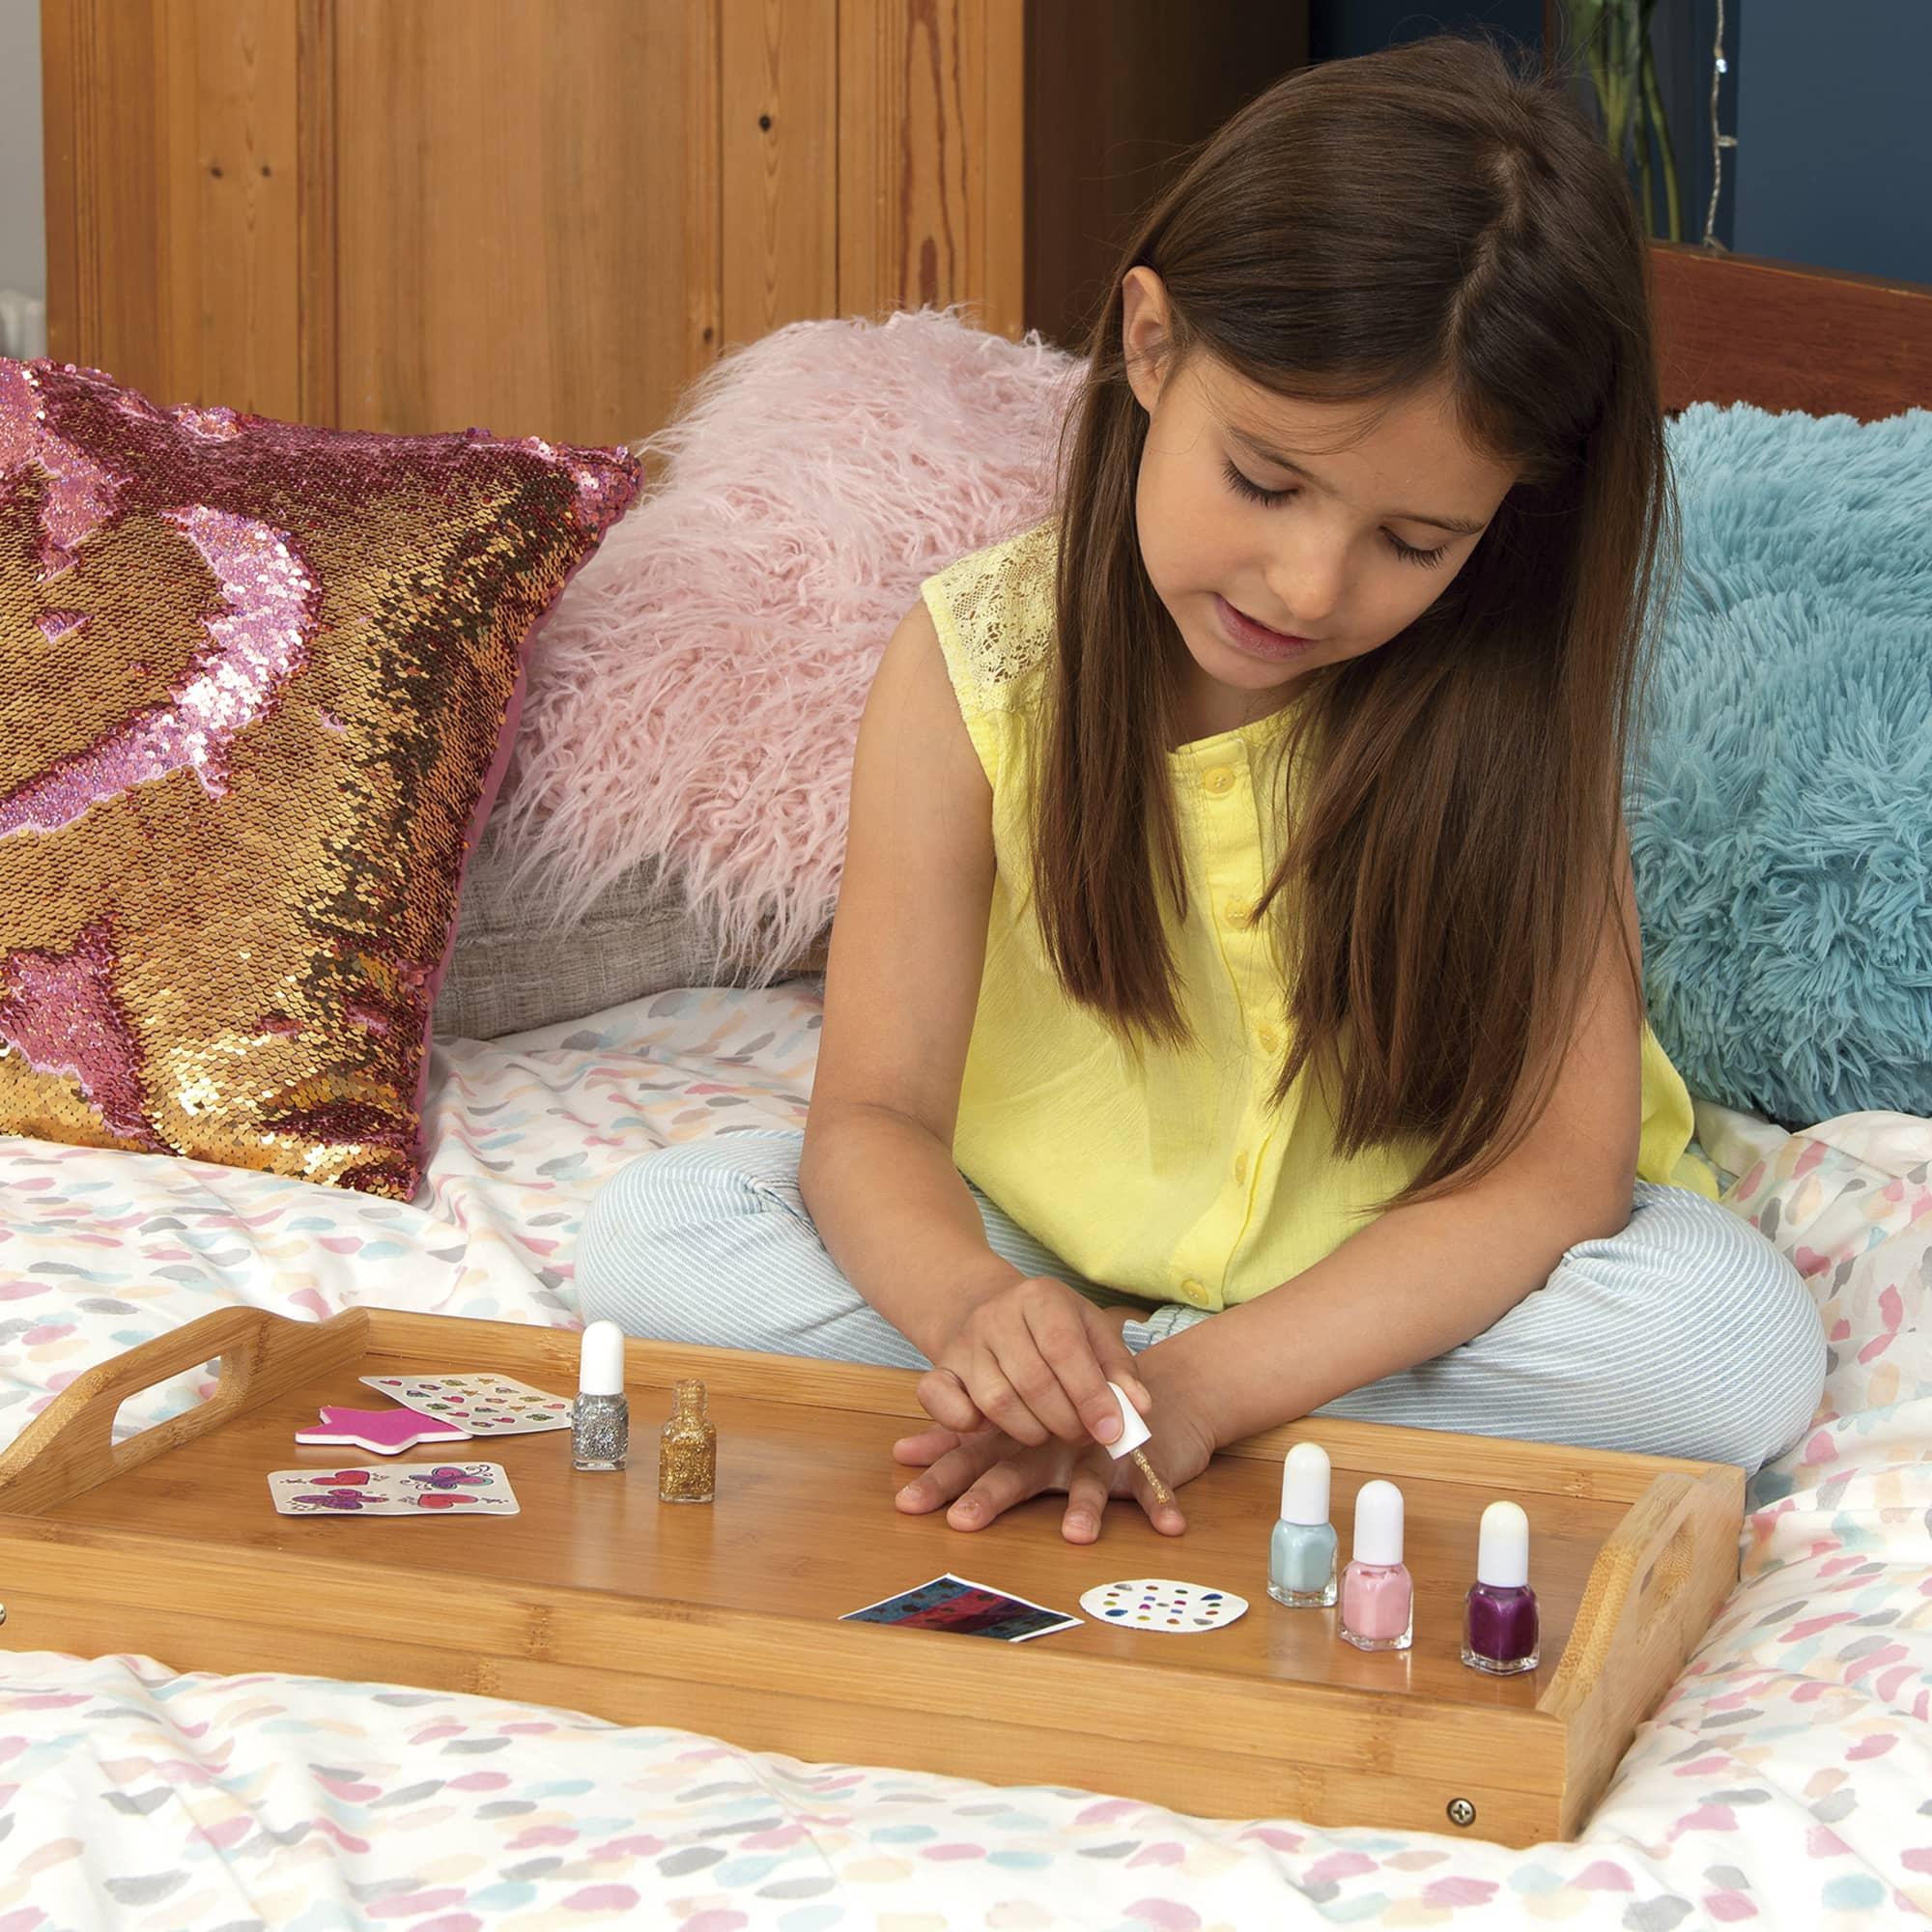 Decorazioni Per Unghie Fai Da Te Giochi Creativi E Creativita Moda E Creazioni Giochi Per Bambini E Ragazzi Cittadelsole It